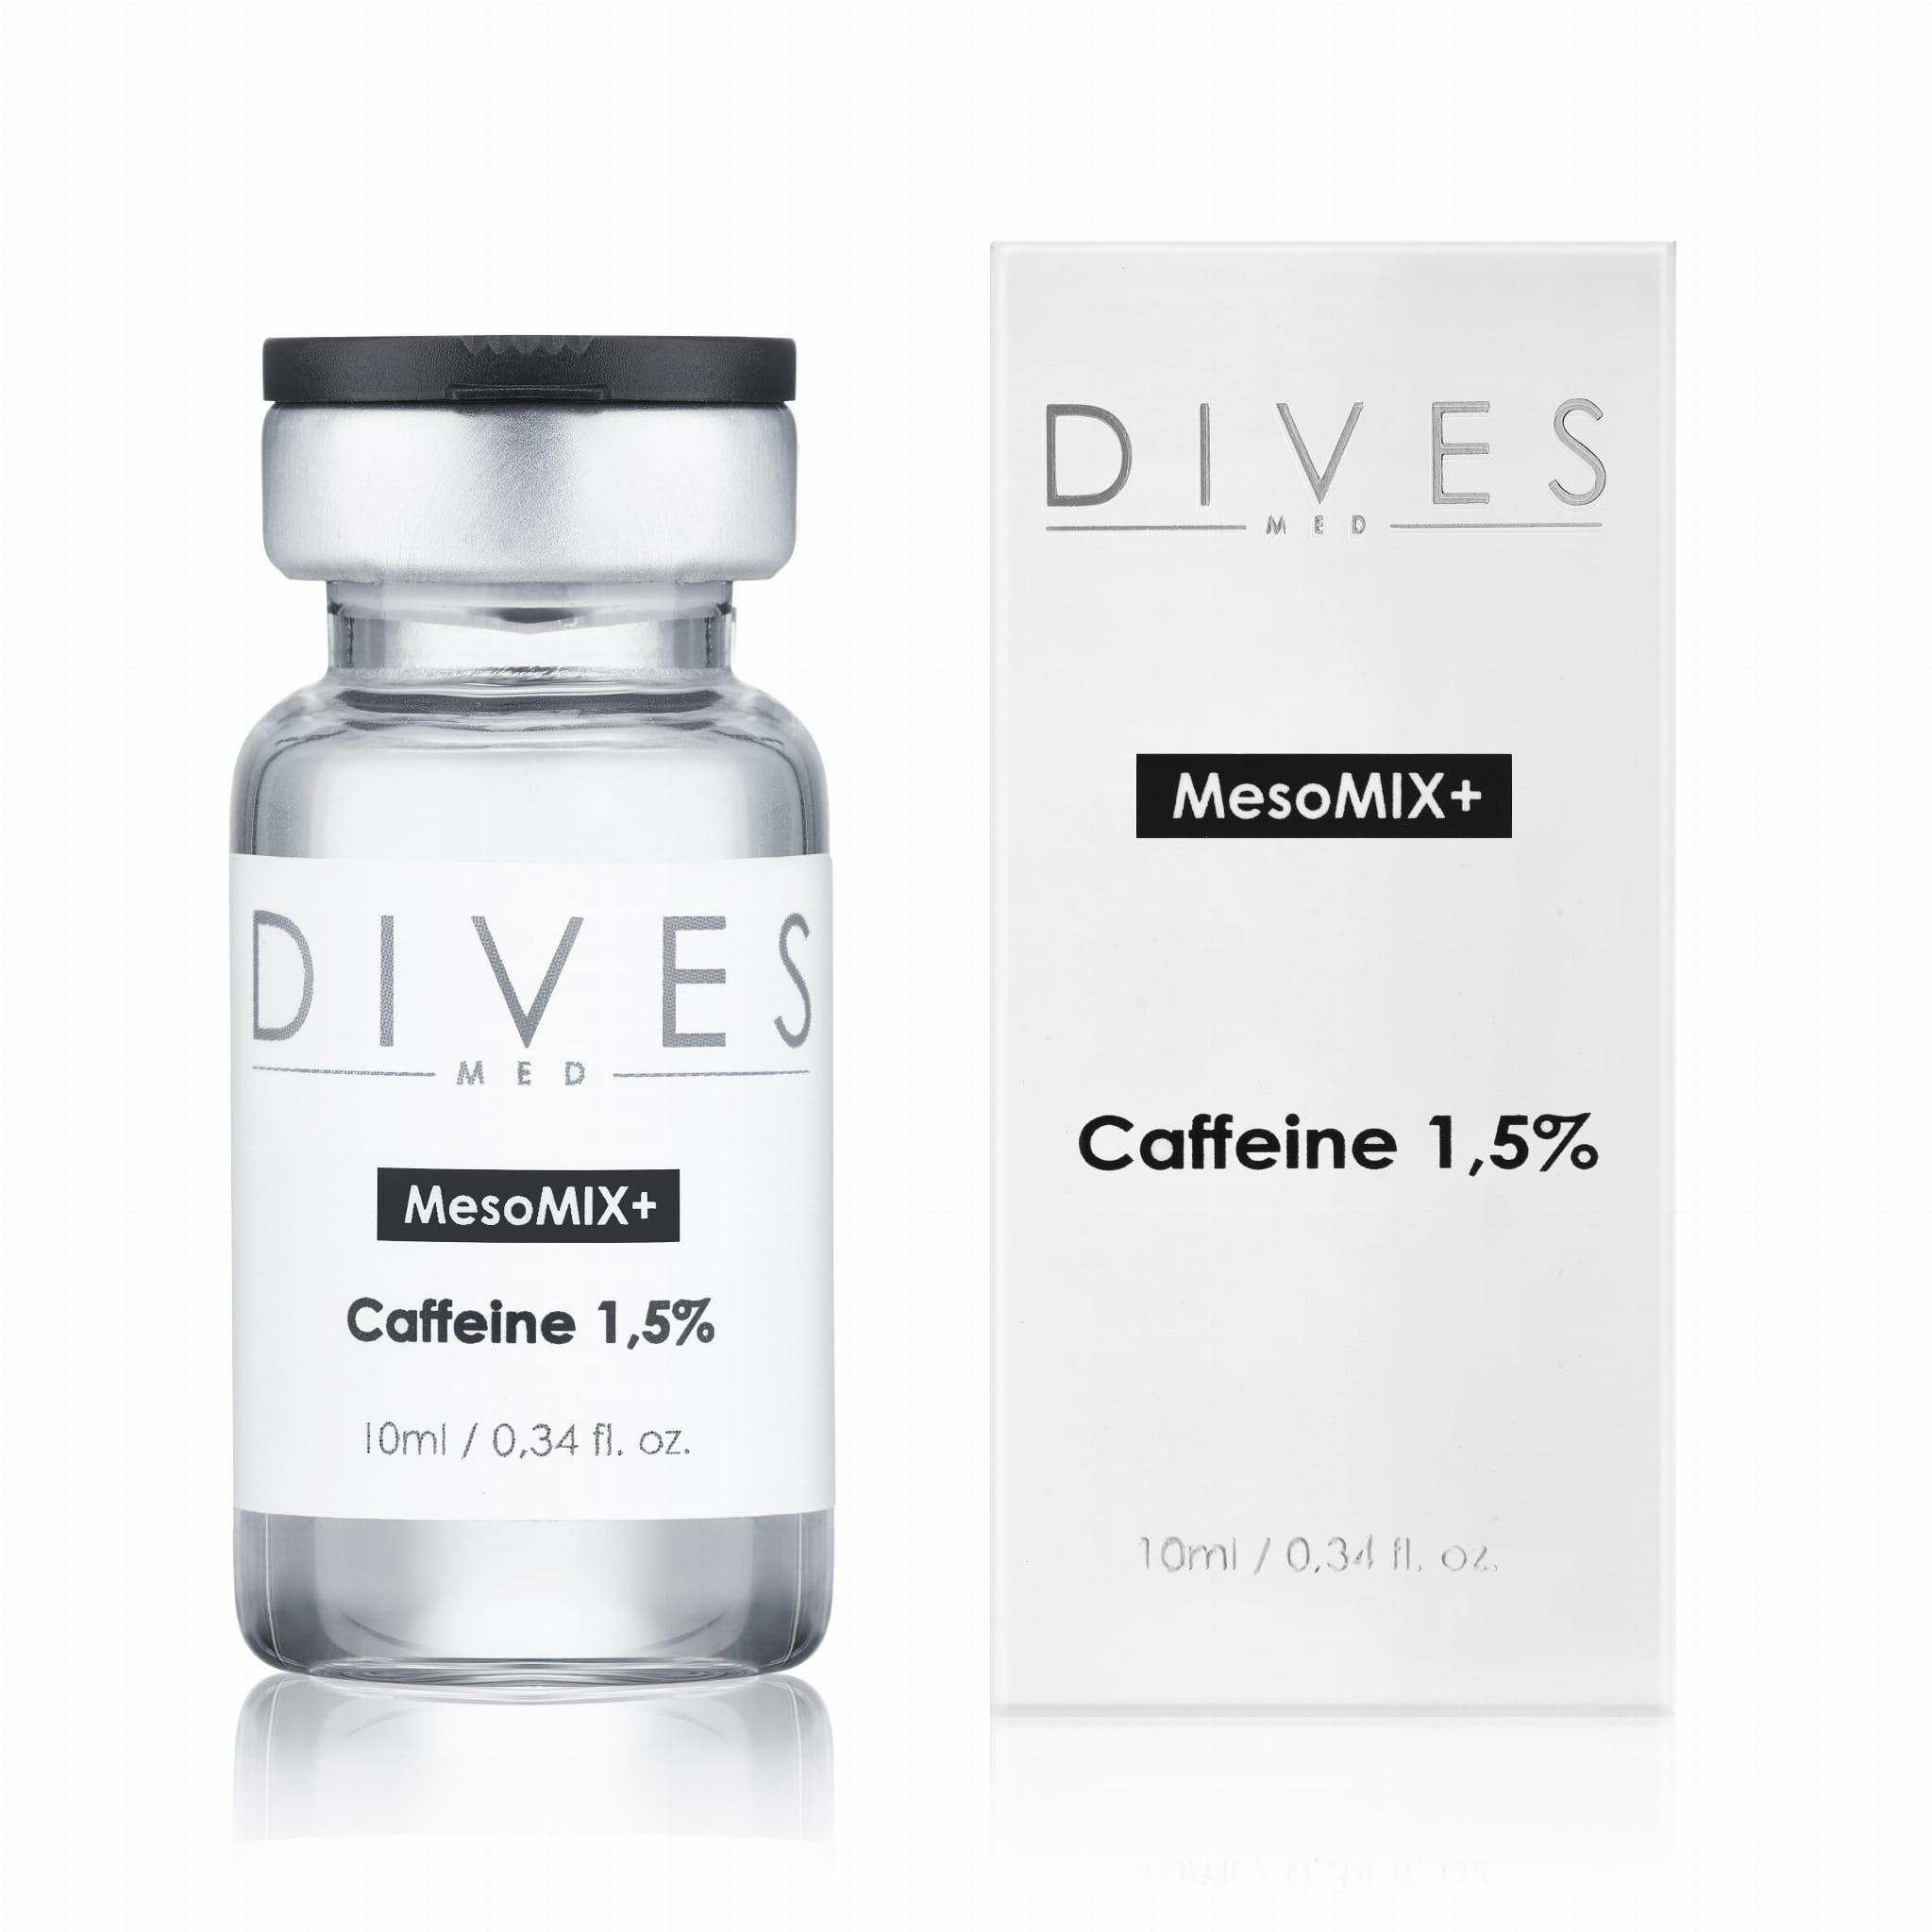 DIVES med. - Kofeina 1,5%